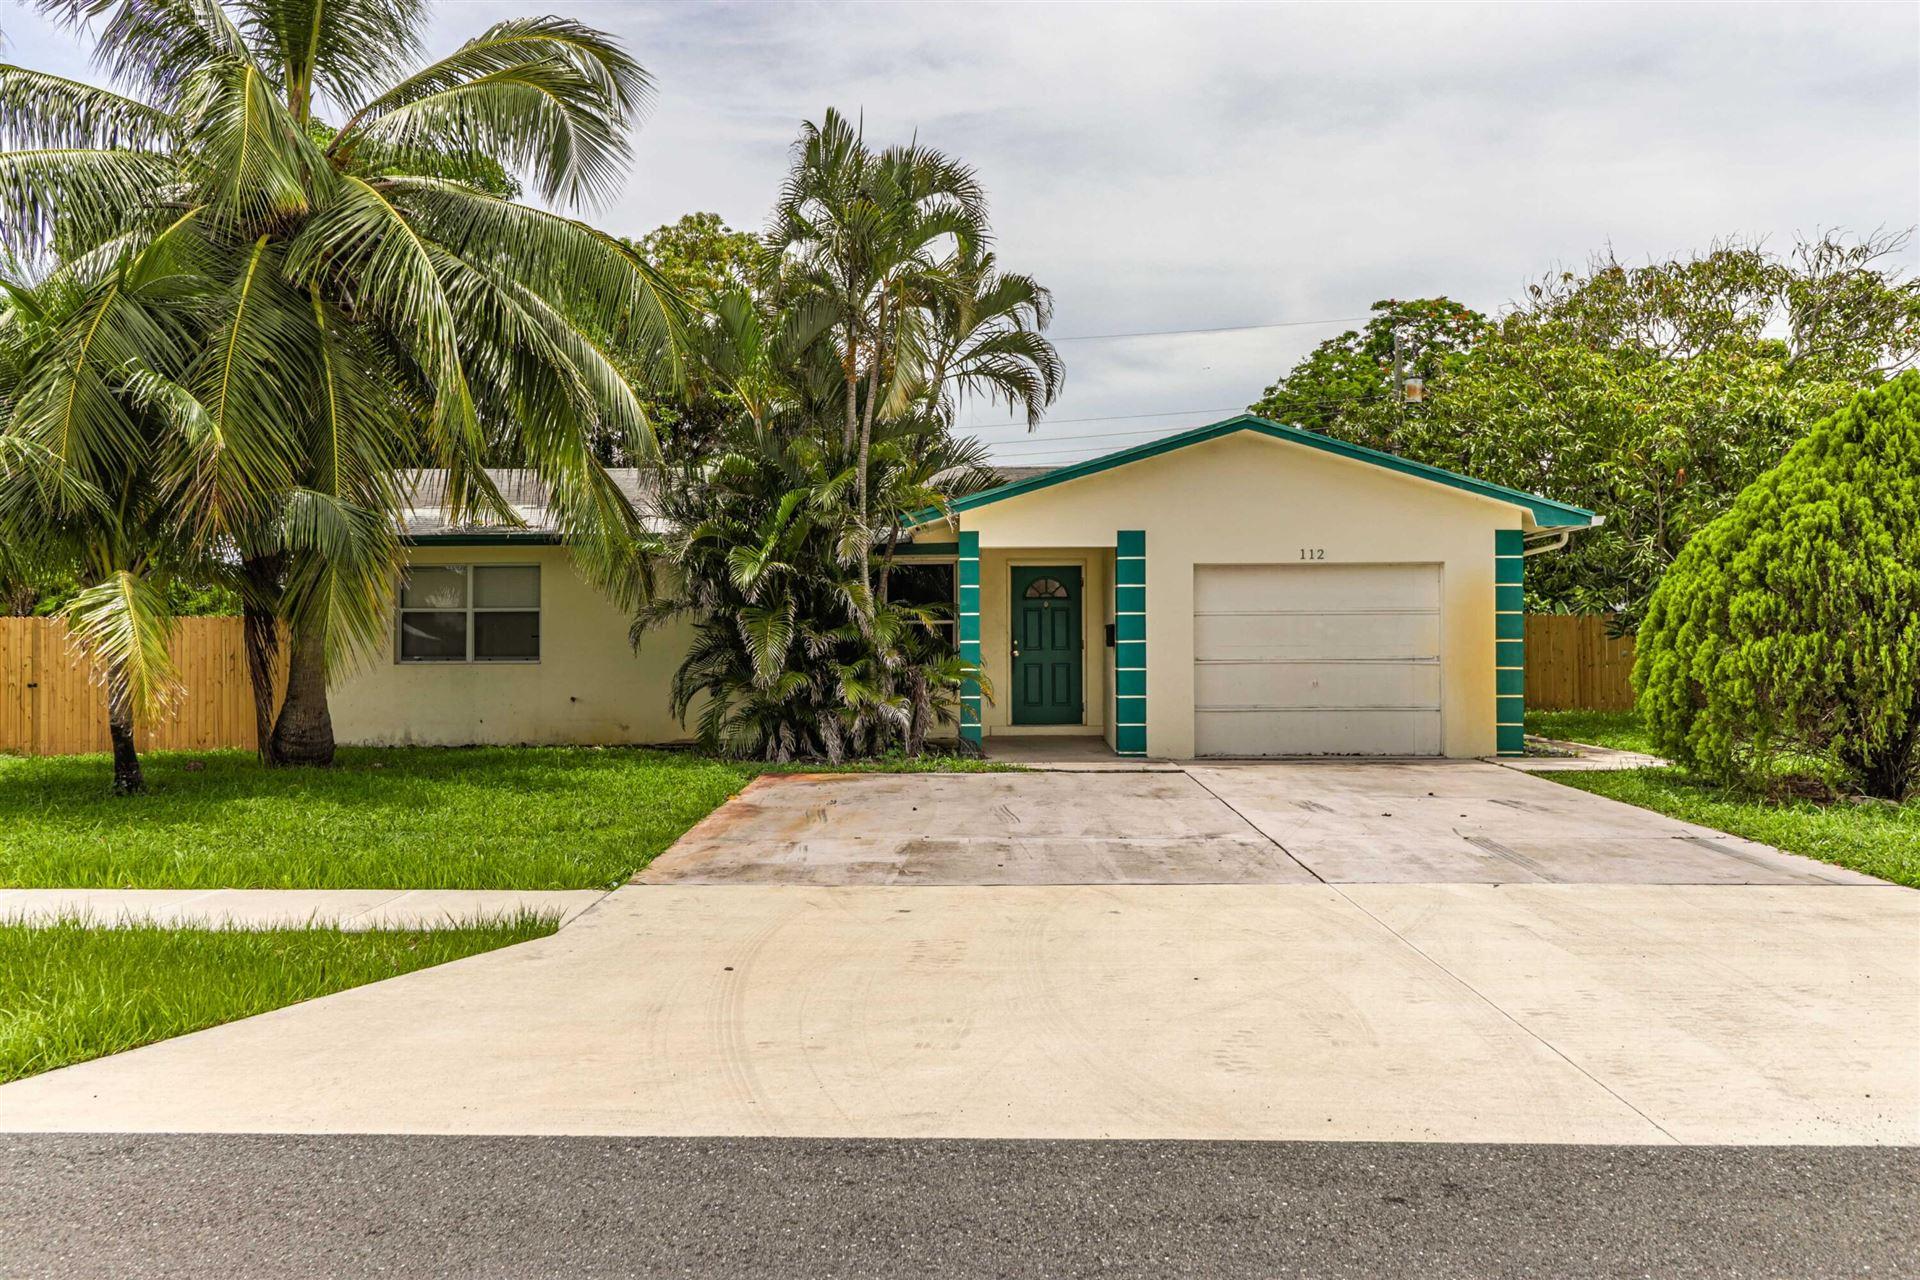 112 SW 9th Avenue, Boynton Beach, FL 33435 - MLS#: RX-10730059